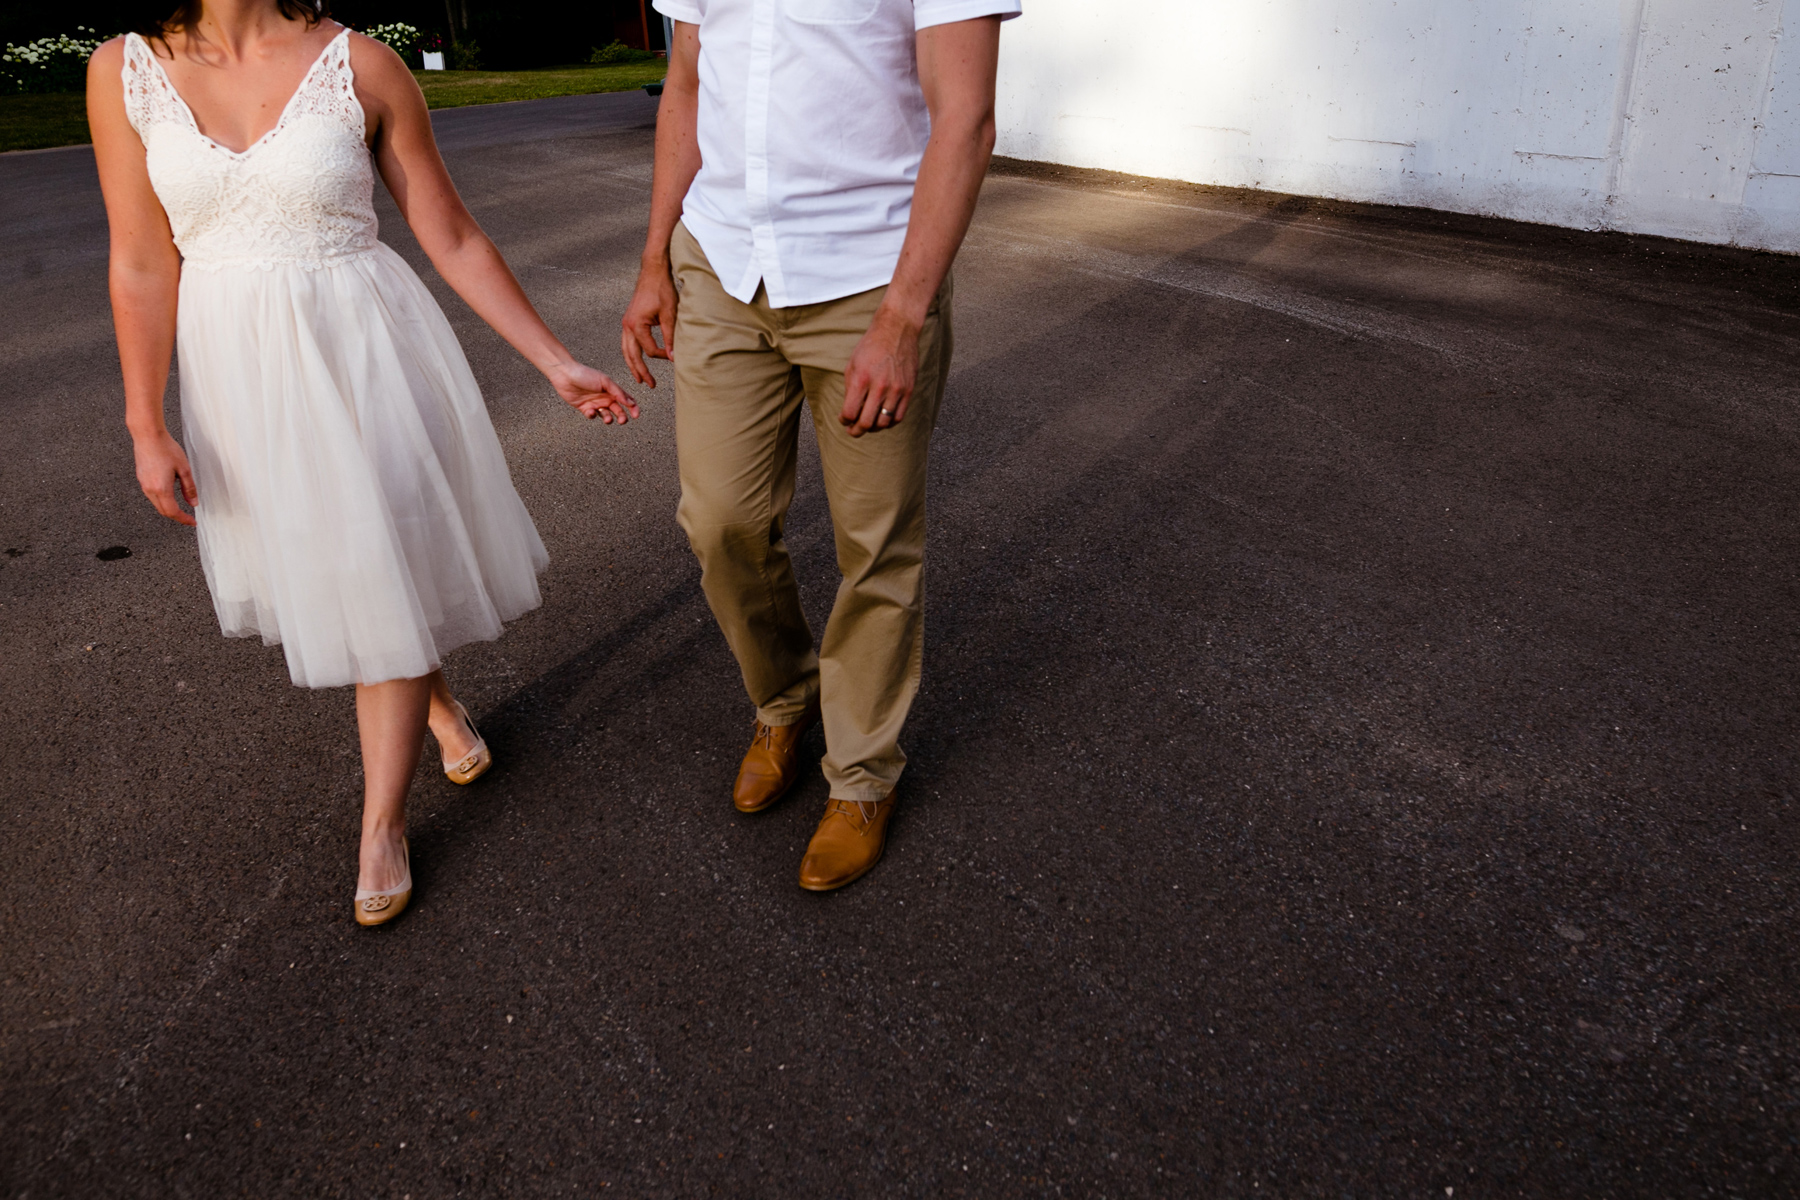 006-downtown-fredericton-wedding-photos-kandisebrown-se2017